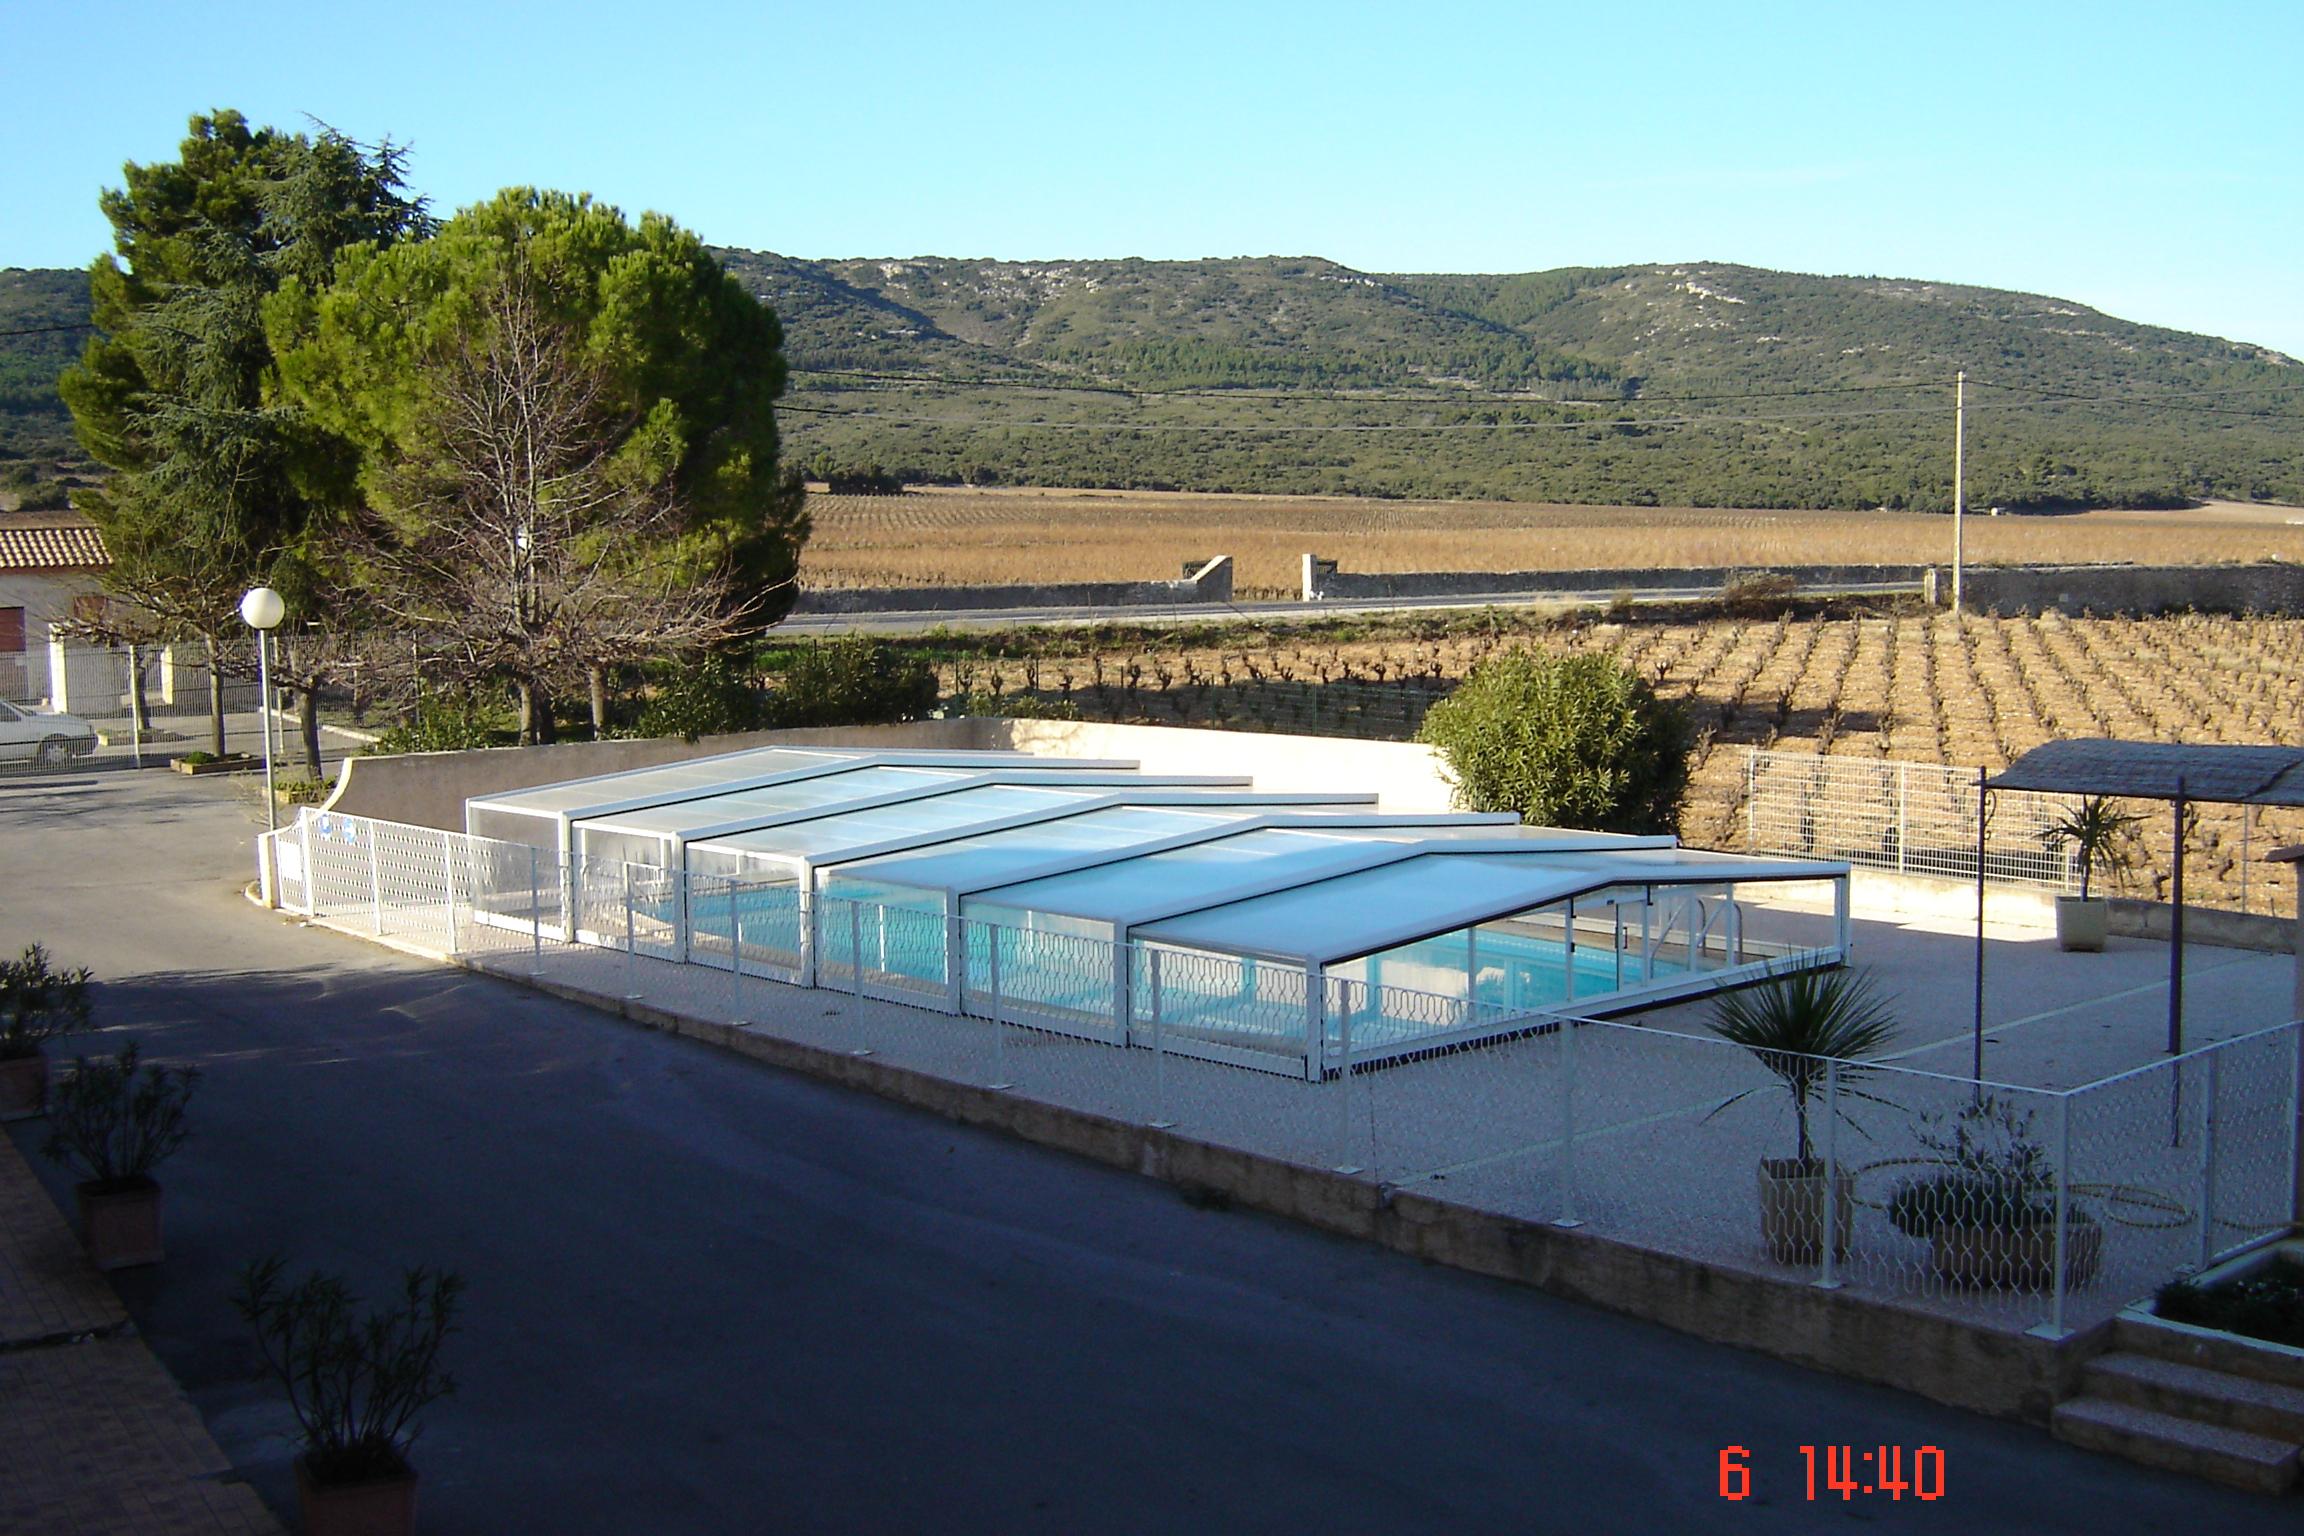 R paration abris de piscine eureka et autres for Abris piscine eureka